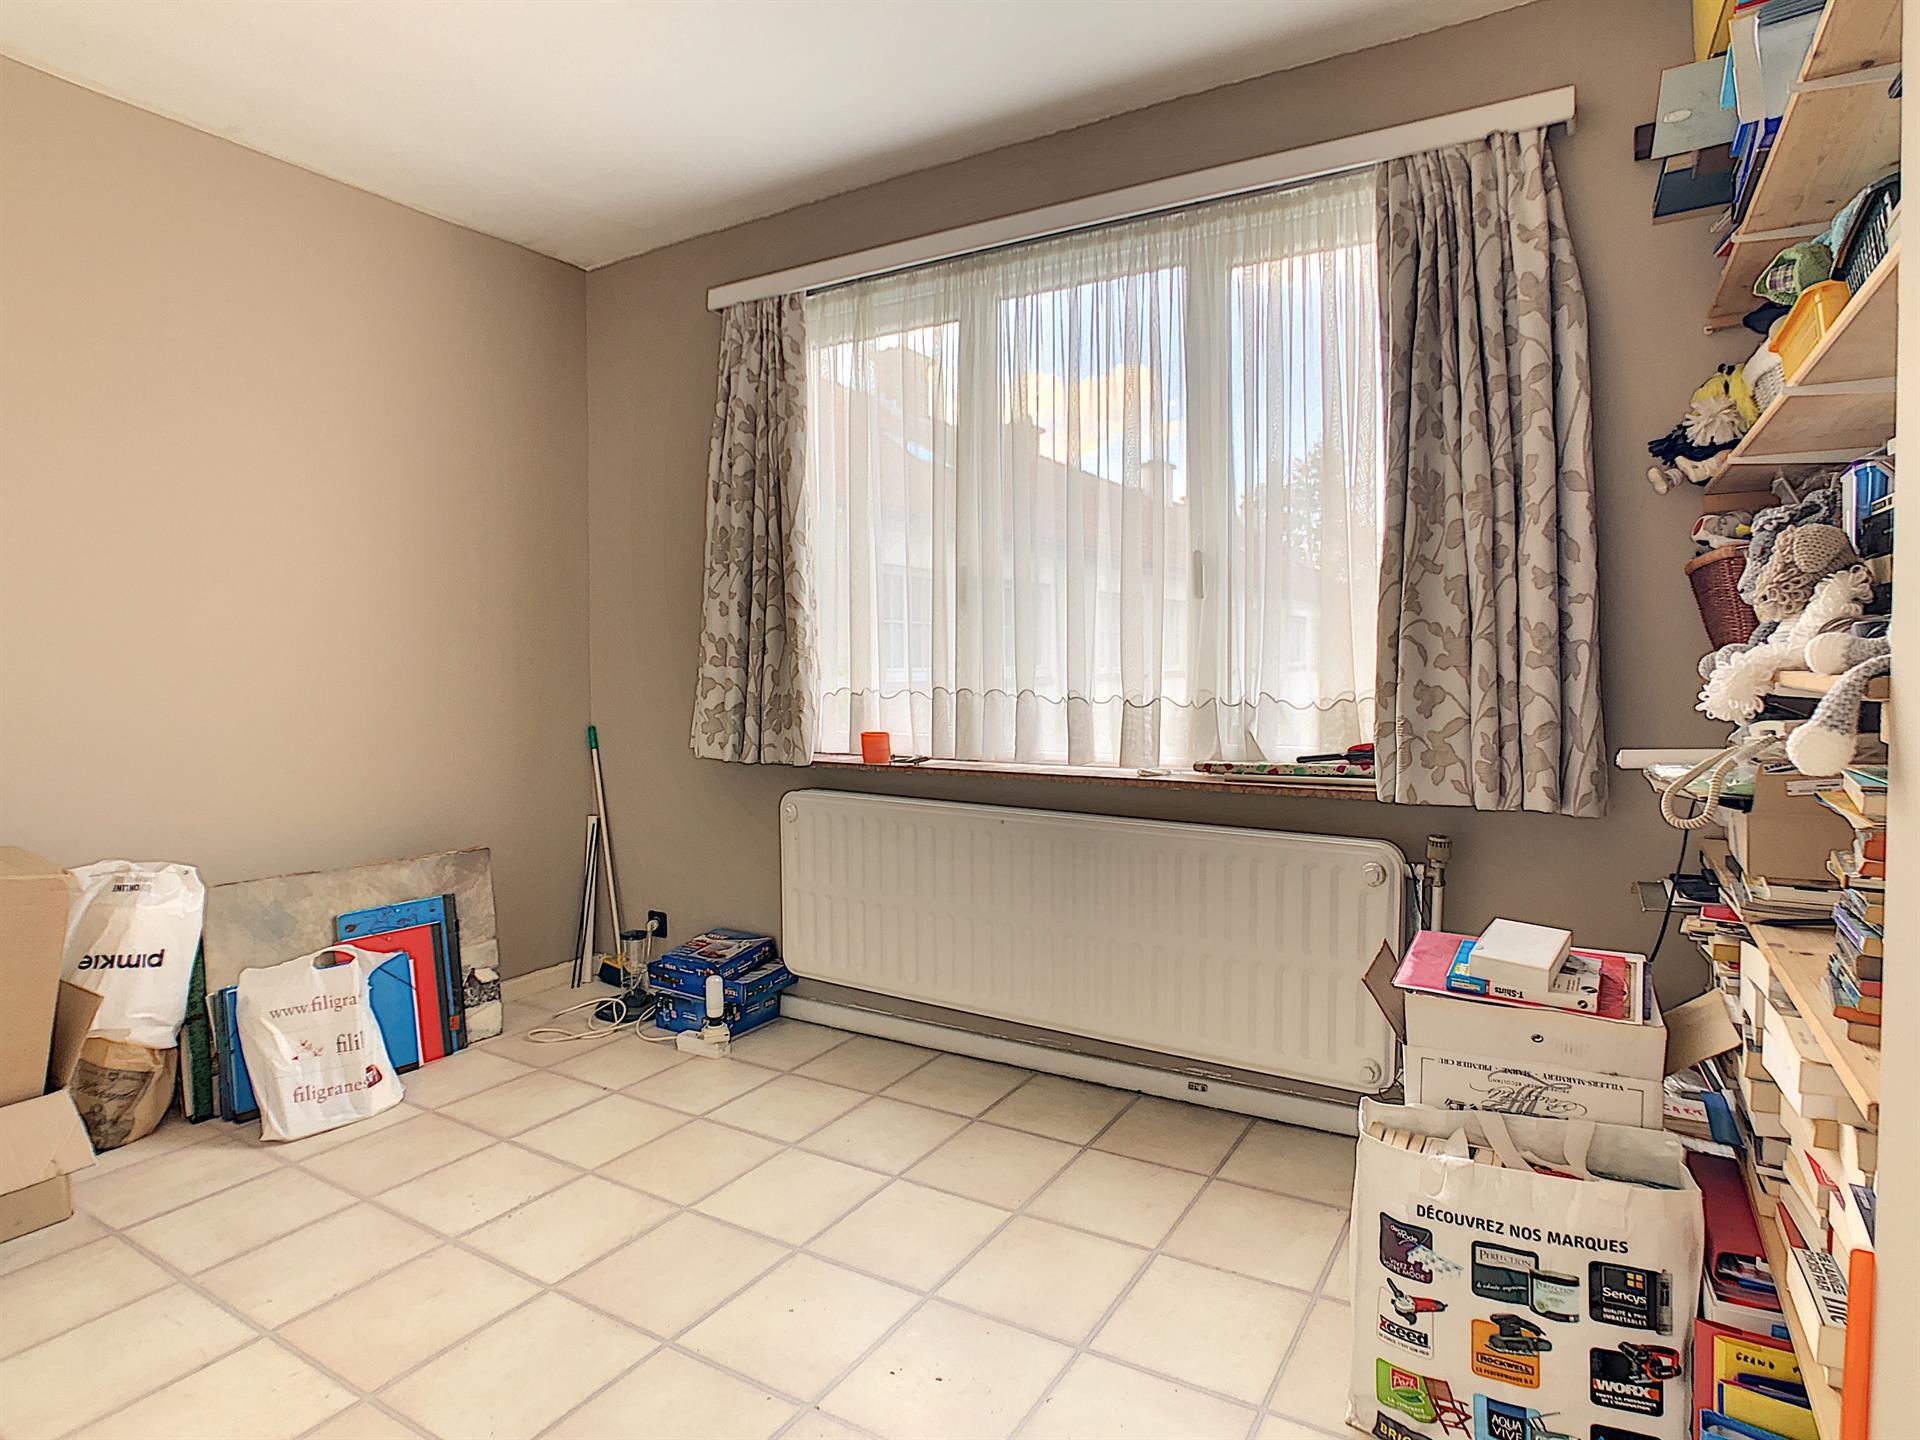 Maison unifamiliale - Auderghem - #4366134-5